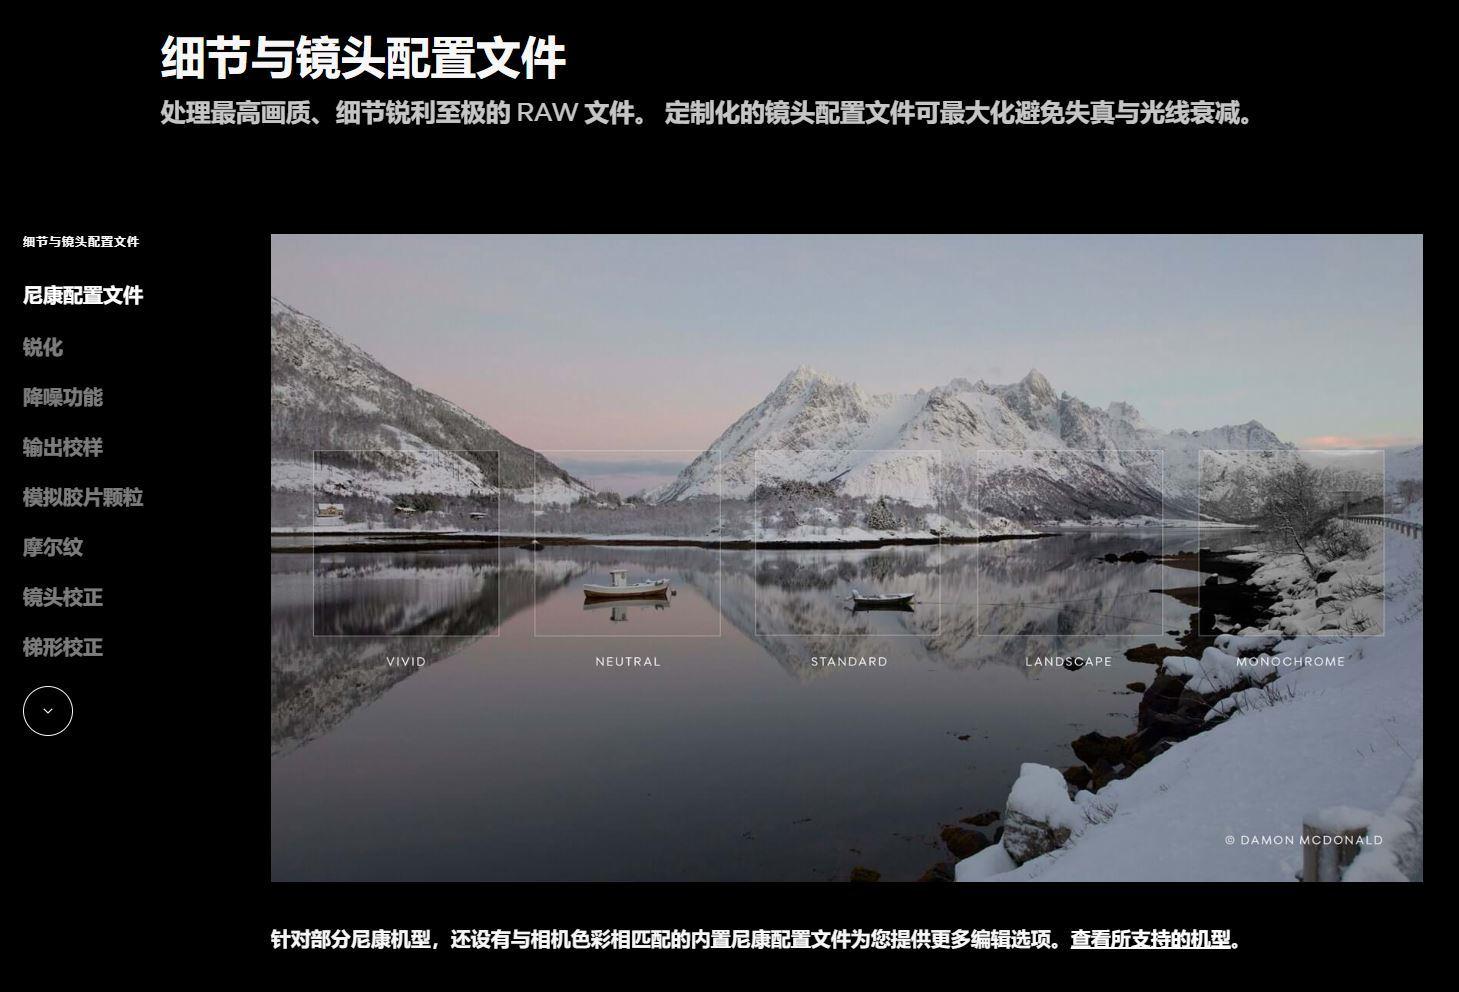 软件下载-飞思图像编辑处理软件Capture One 21 Pro v14.1.1 WIN/MAC中文版(7)